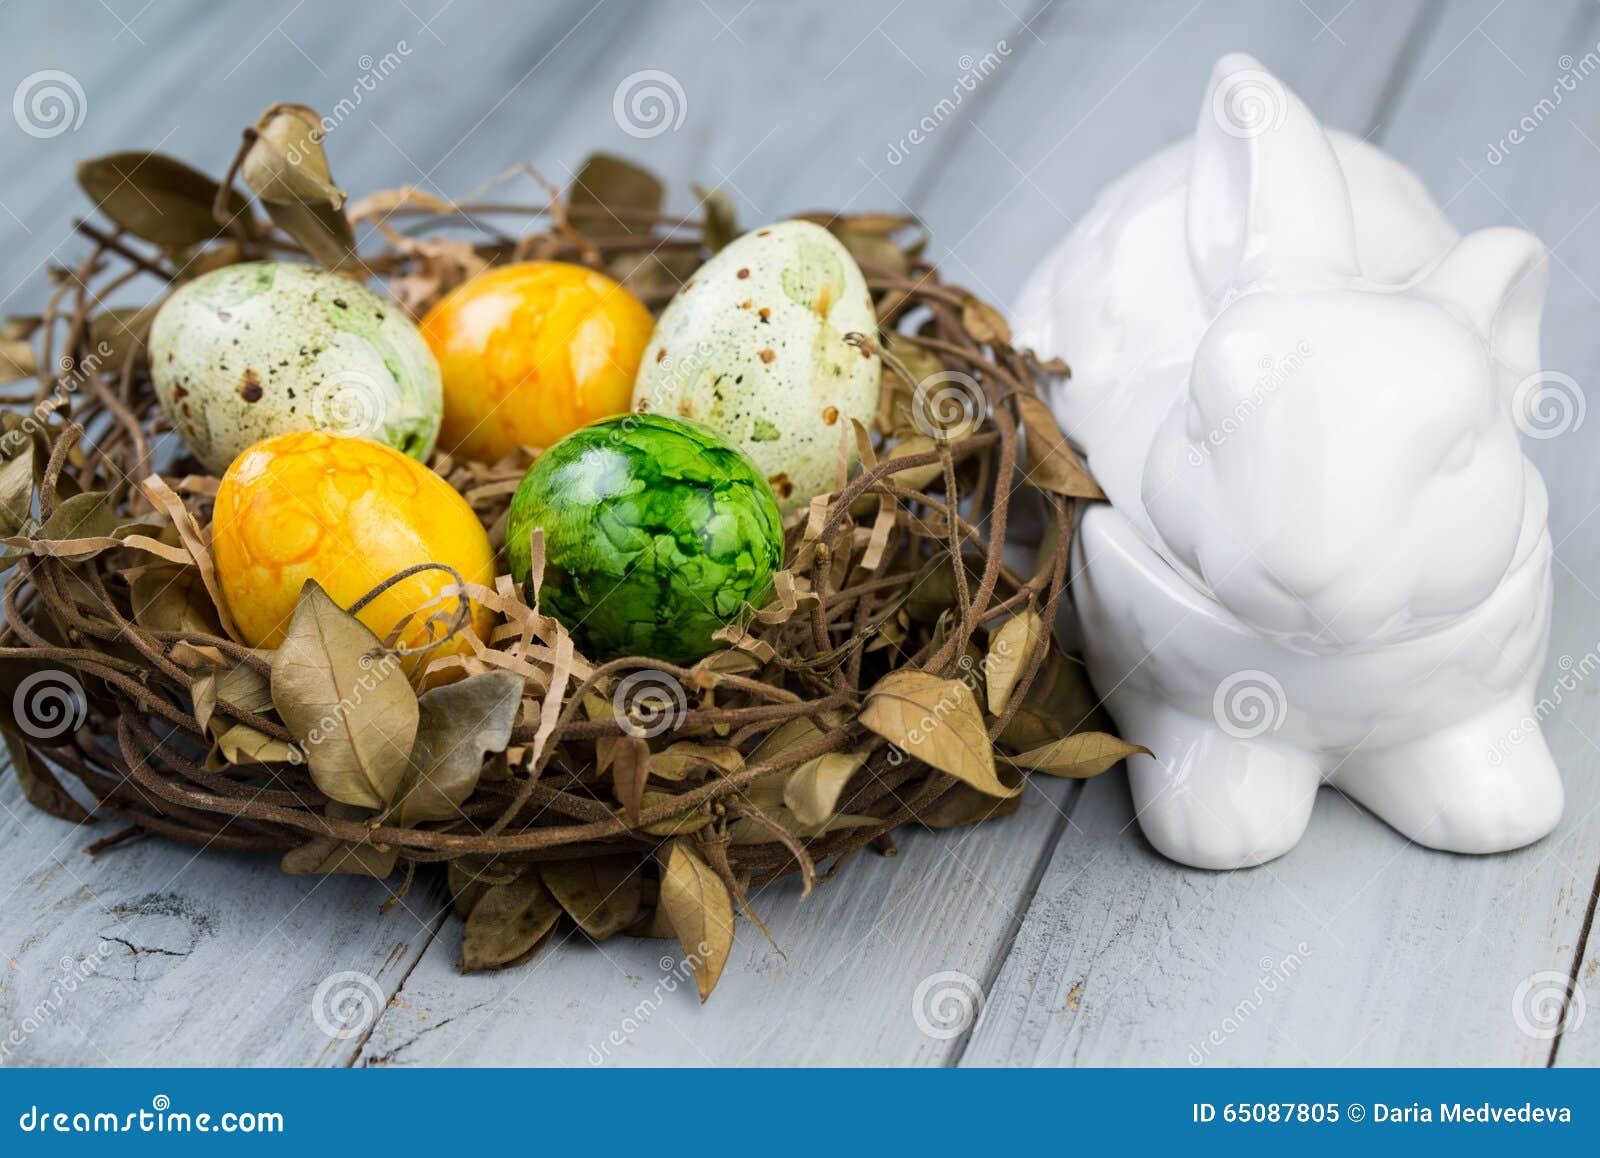 Uova Di Pasqua Ceramica.Annidi Con Le Uova Di Pasqua Colorate E La Scatola Di Ceramica Il